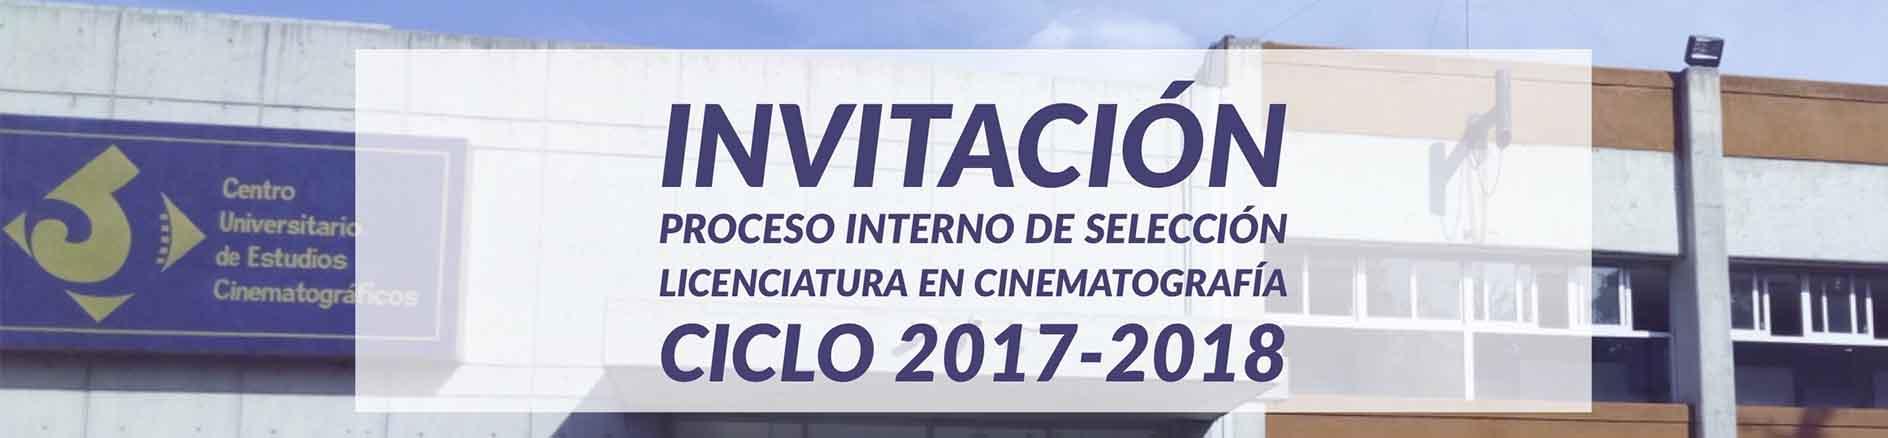 Invitación Proceso Interno de Selección de la Licenciatura en Cinematografía